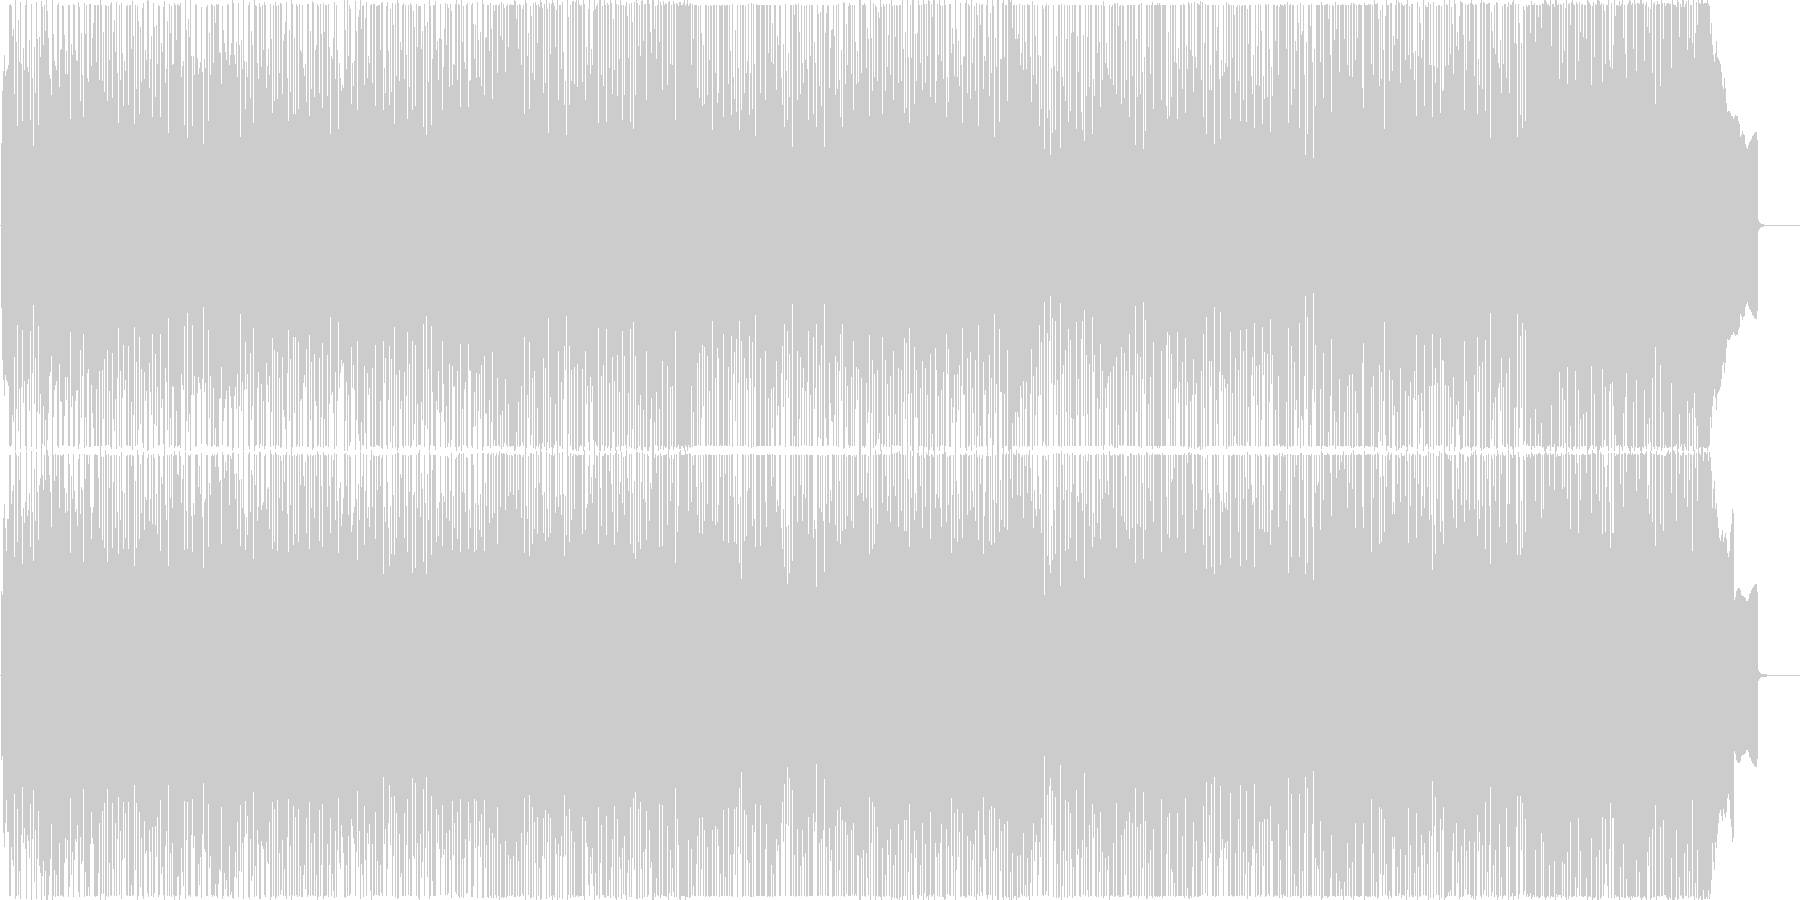 元気 爽やか 青春 疾走 ロックBGM の未再生の波形